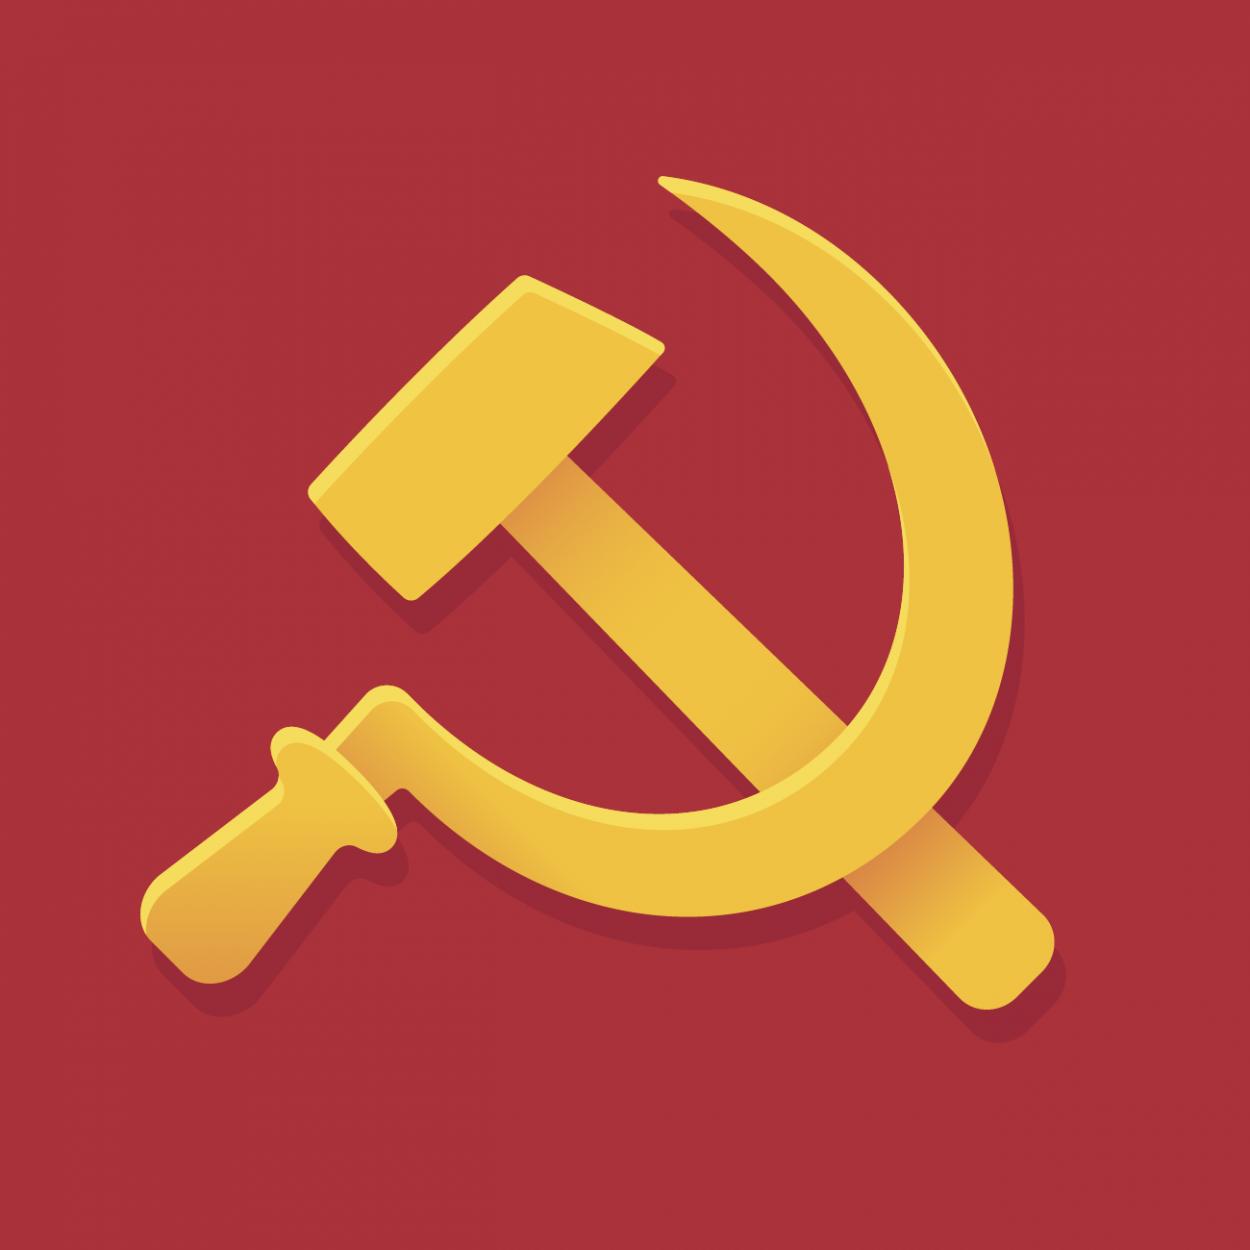 Анекдот про рай для коммунистов